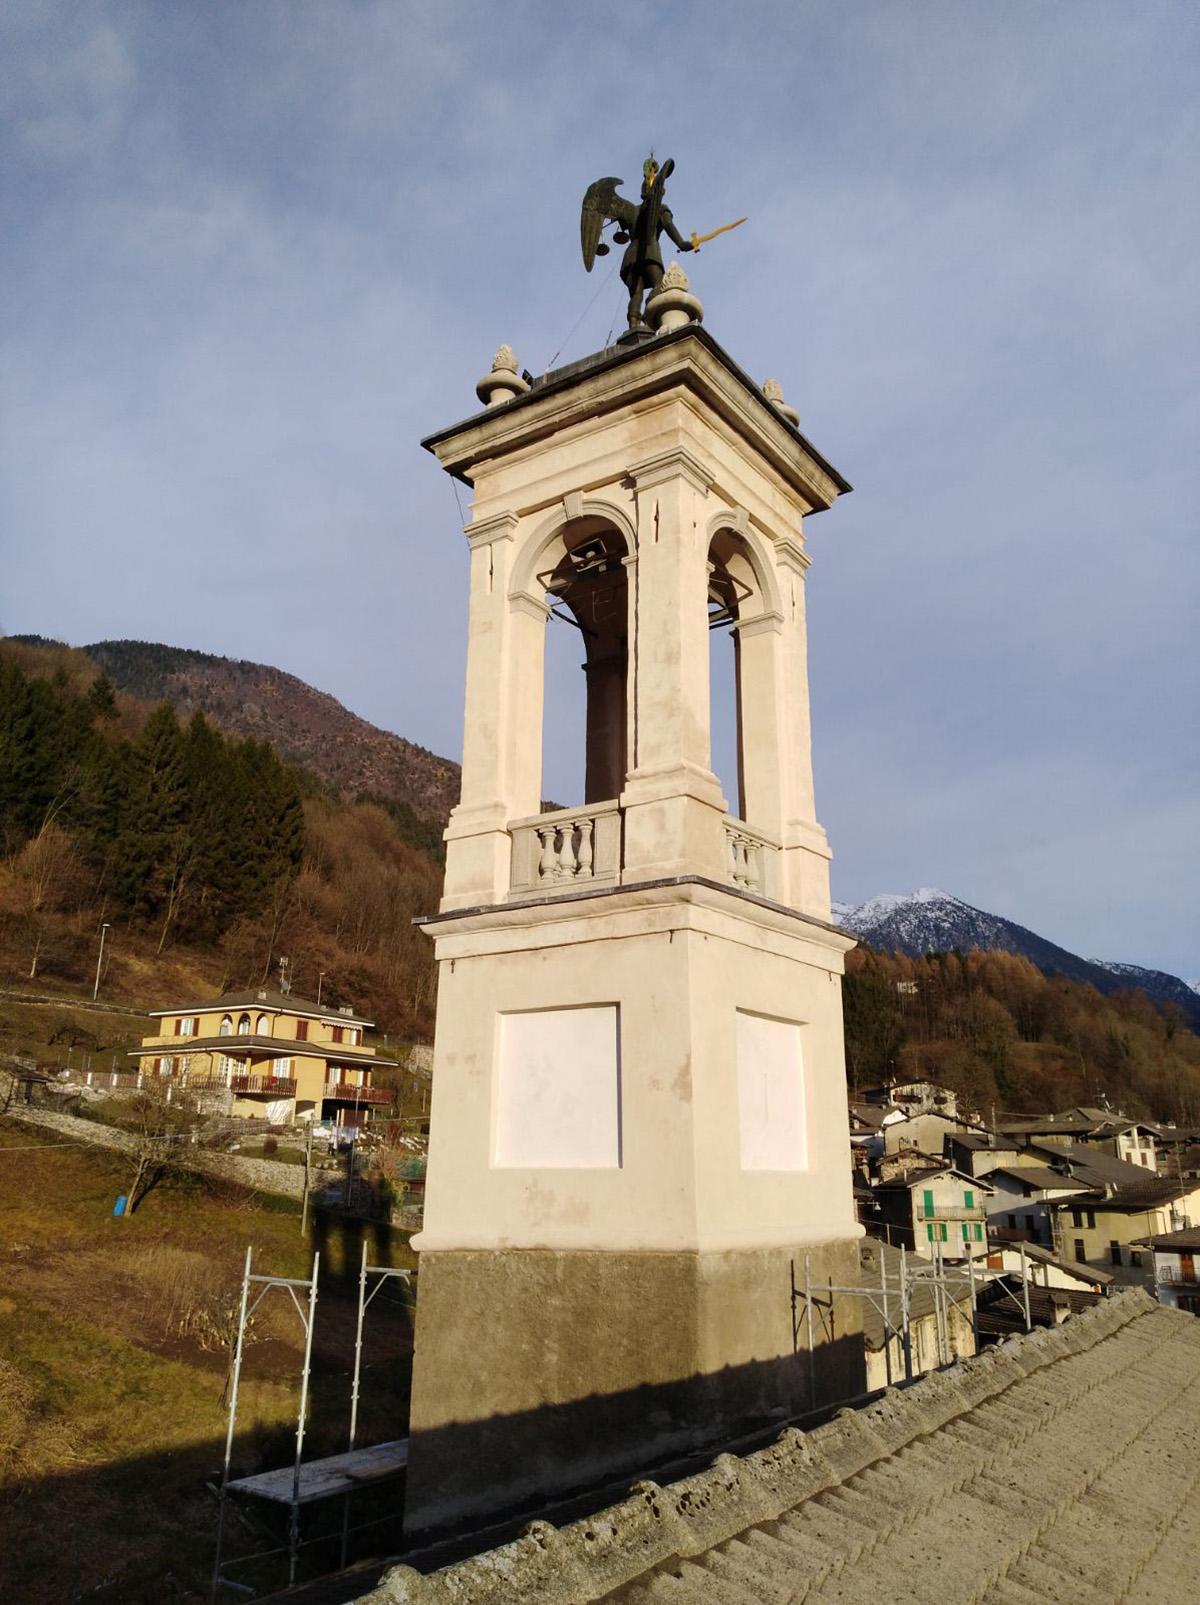 Perico-Renato-Valnegra (BG) - Campanile - Consolidamento e restauro 1